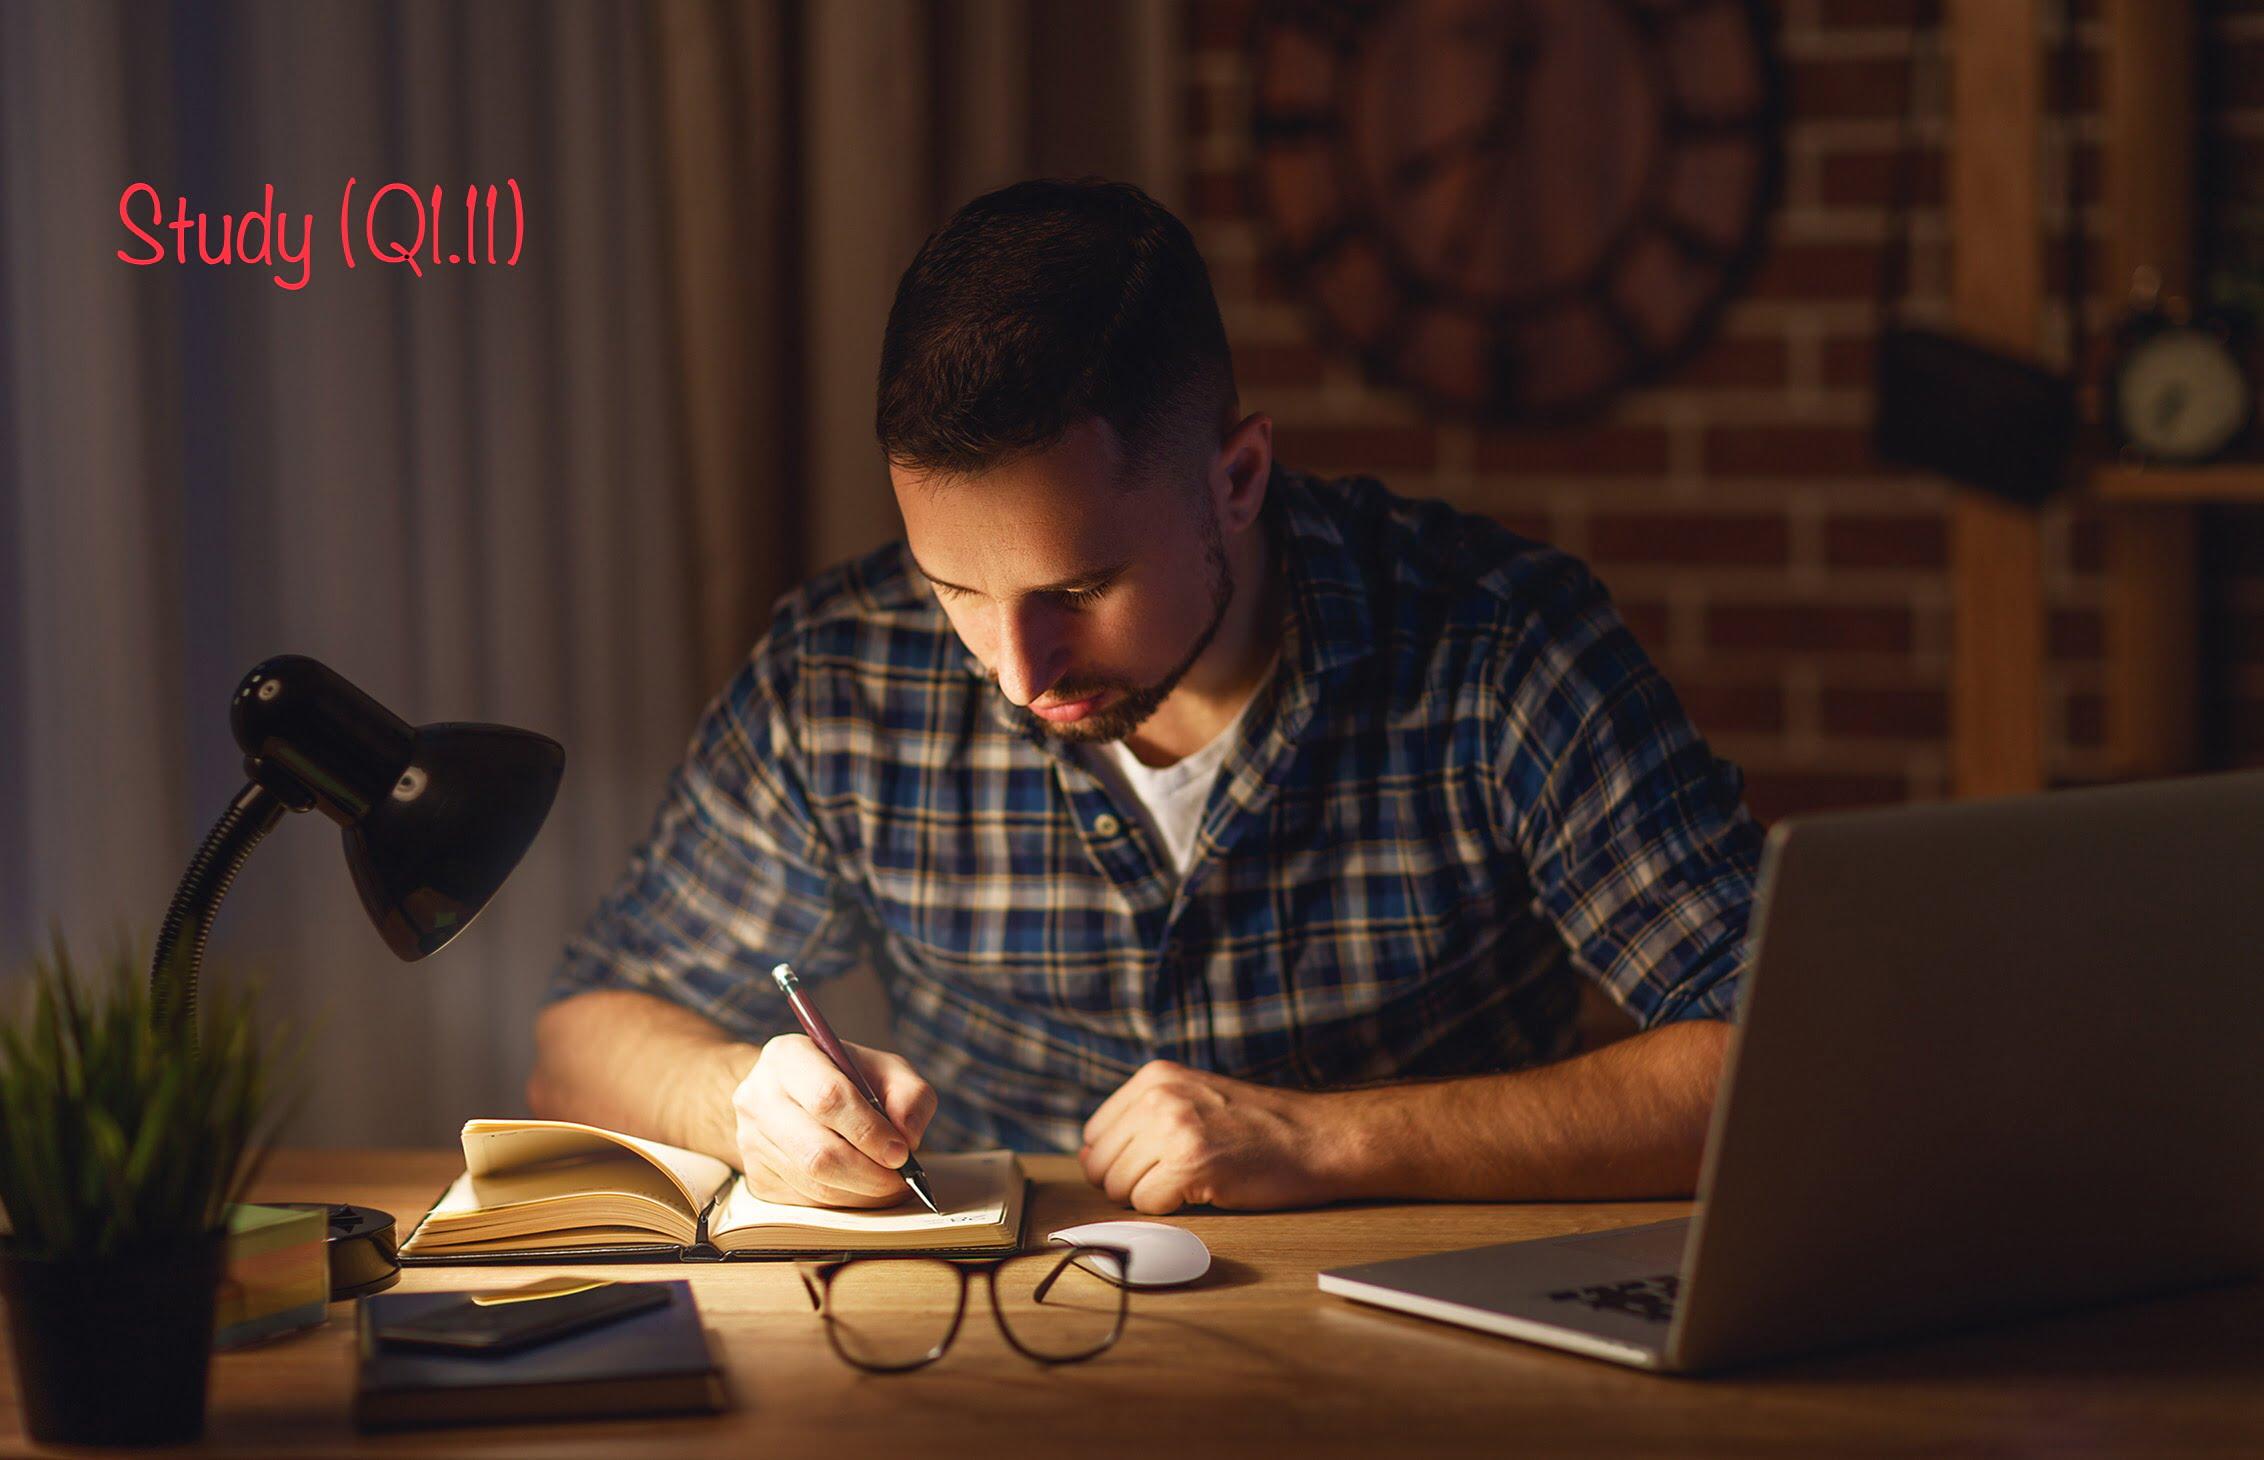 STUDY (Q1.11)